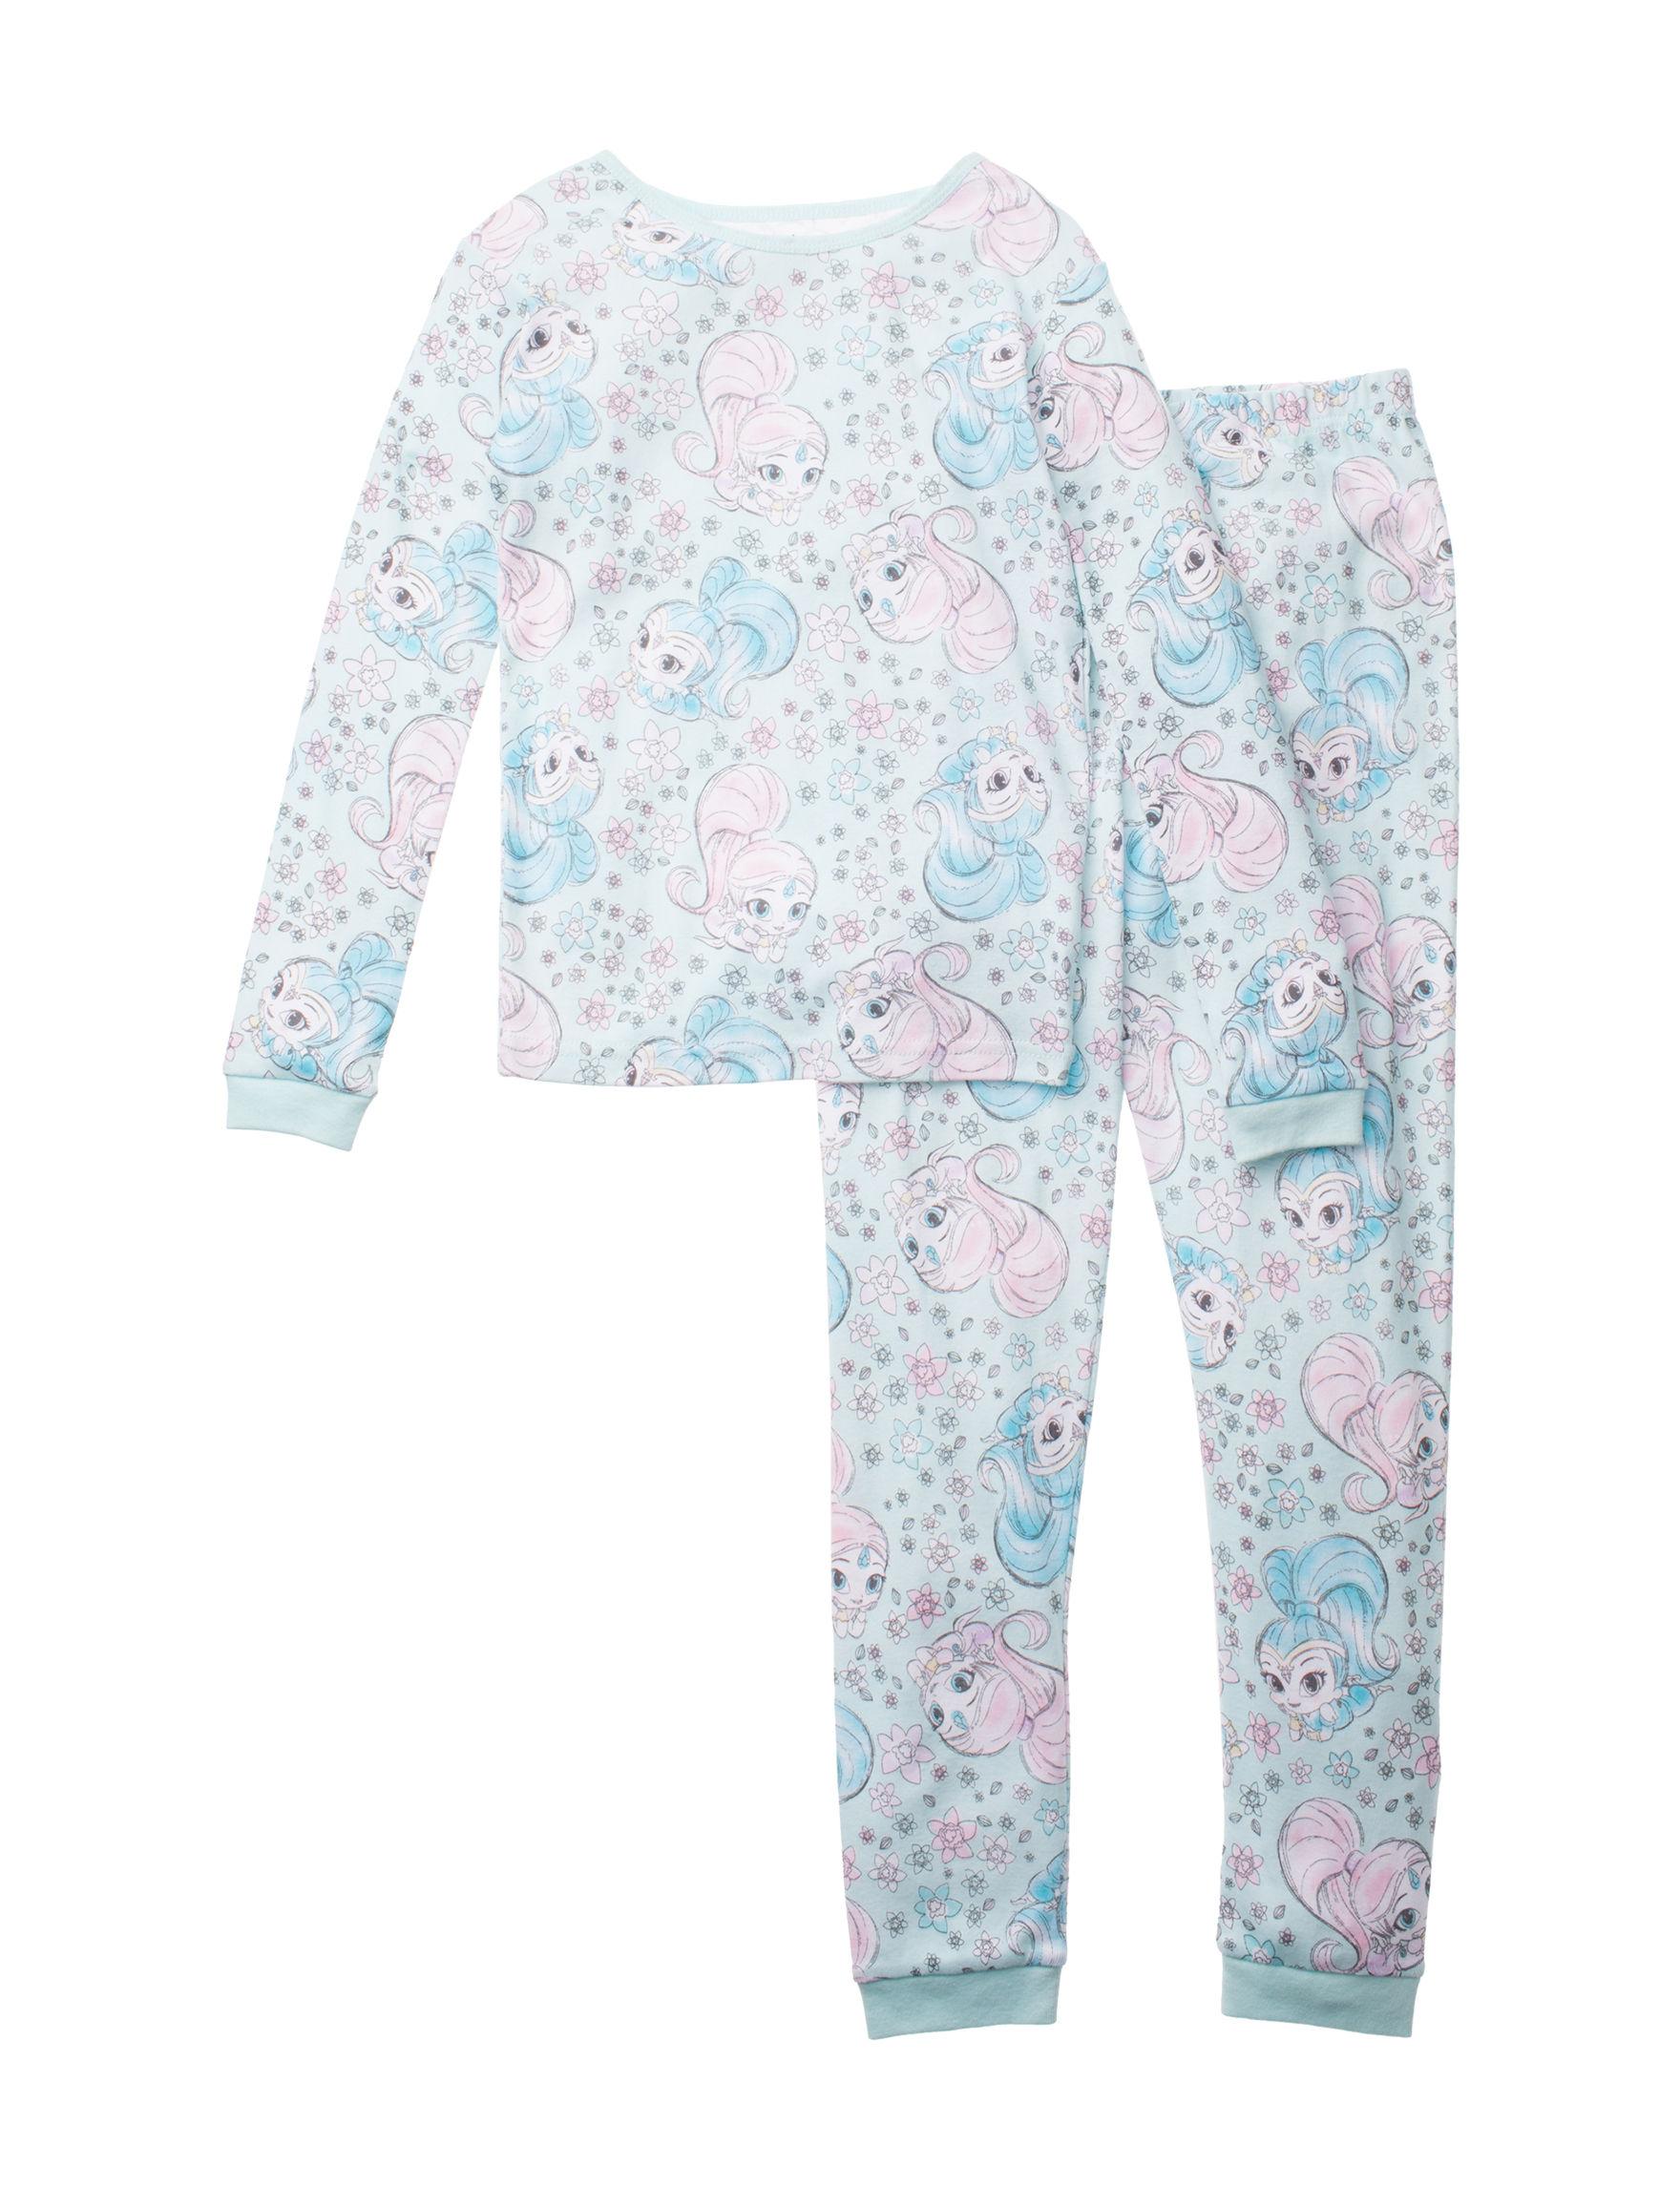 Licensed Blue Multi Pajama Sets